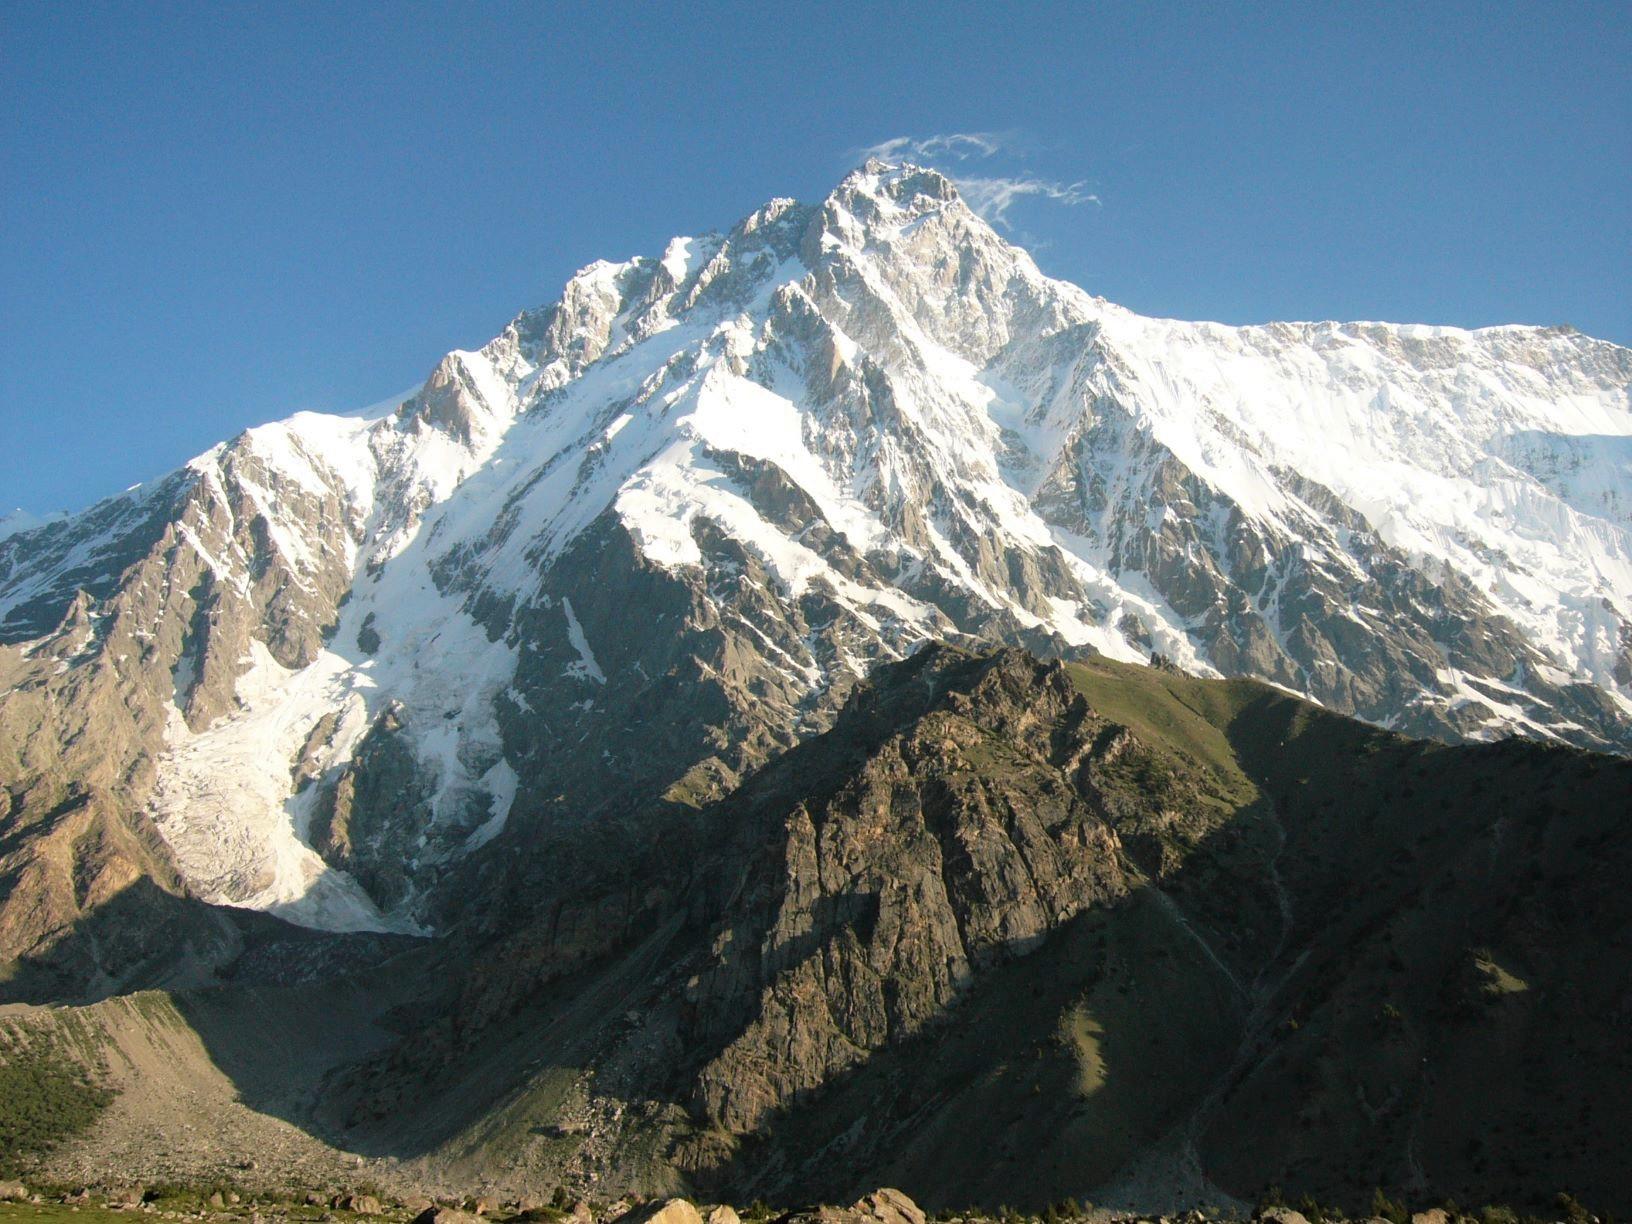 ナンガパルバット・ルパール壁ハイキングと花のデオサイ高原 12日間